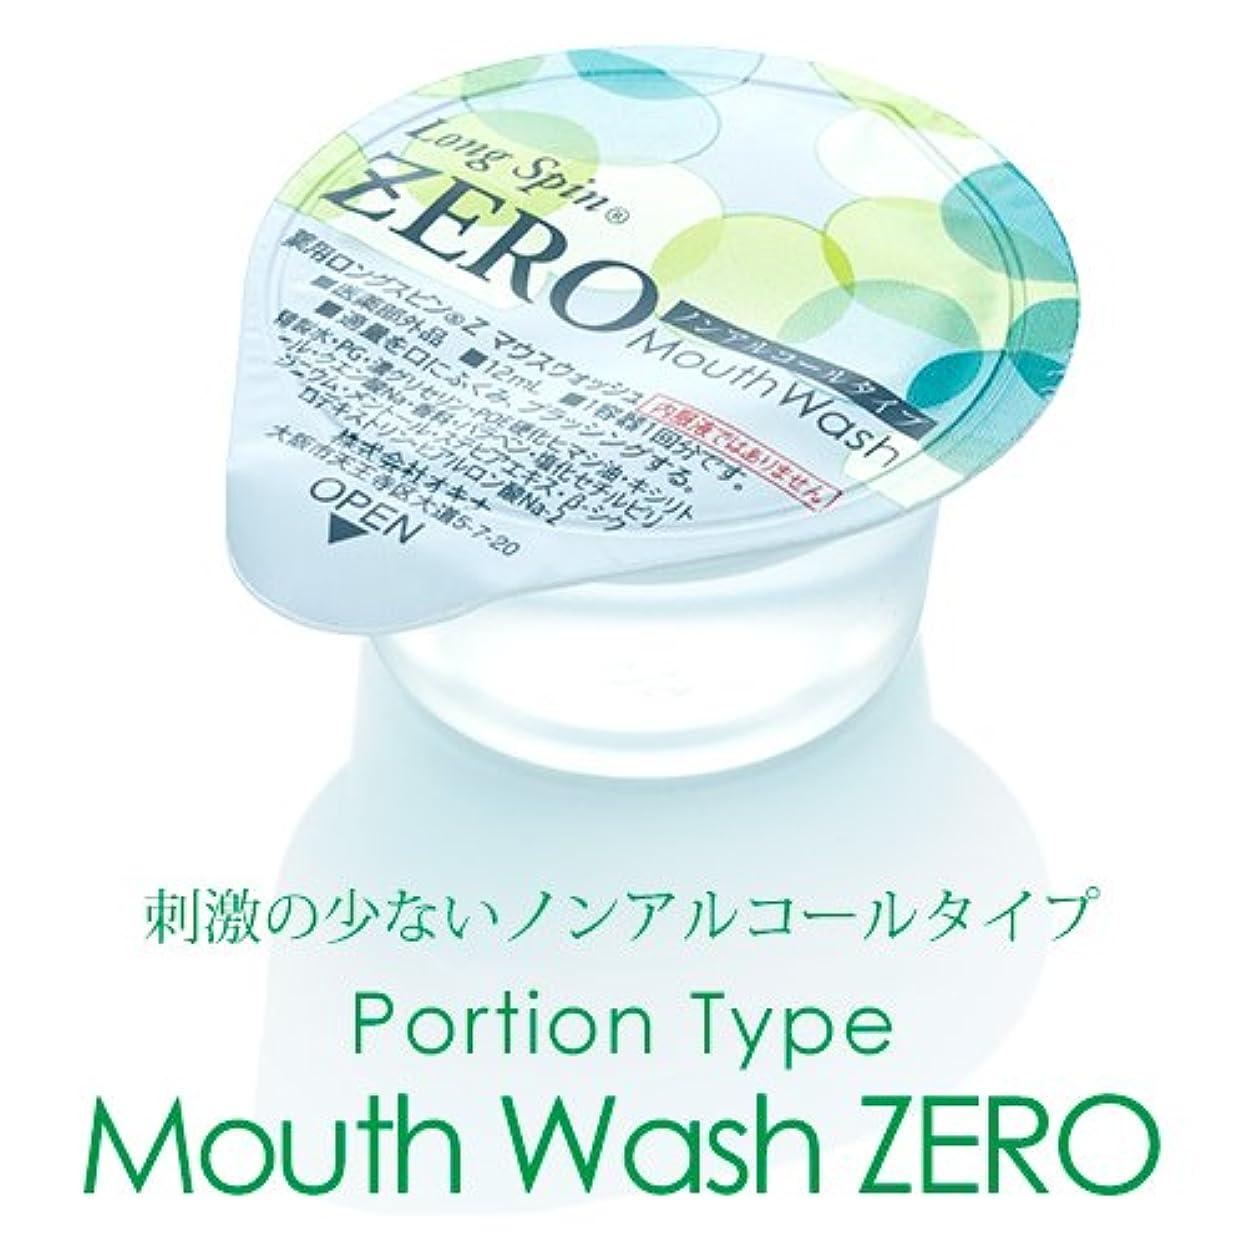 ヒゲクジラ申し込む然とした薬用マウスウォッシュ Long Spin(ロングスピン) ZERO 1箱(100個) 【医薬部外品】